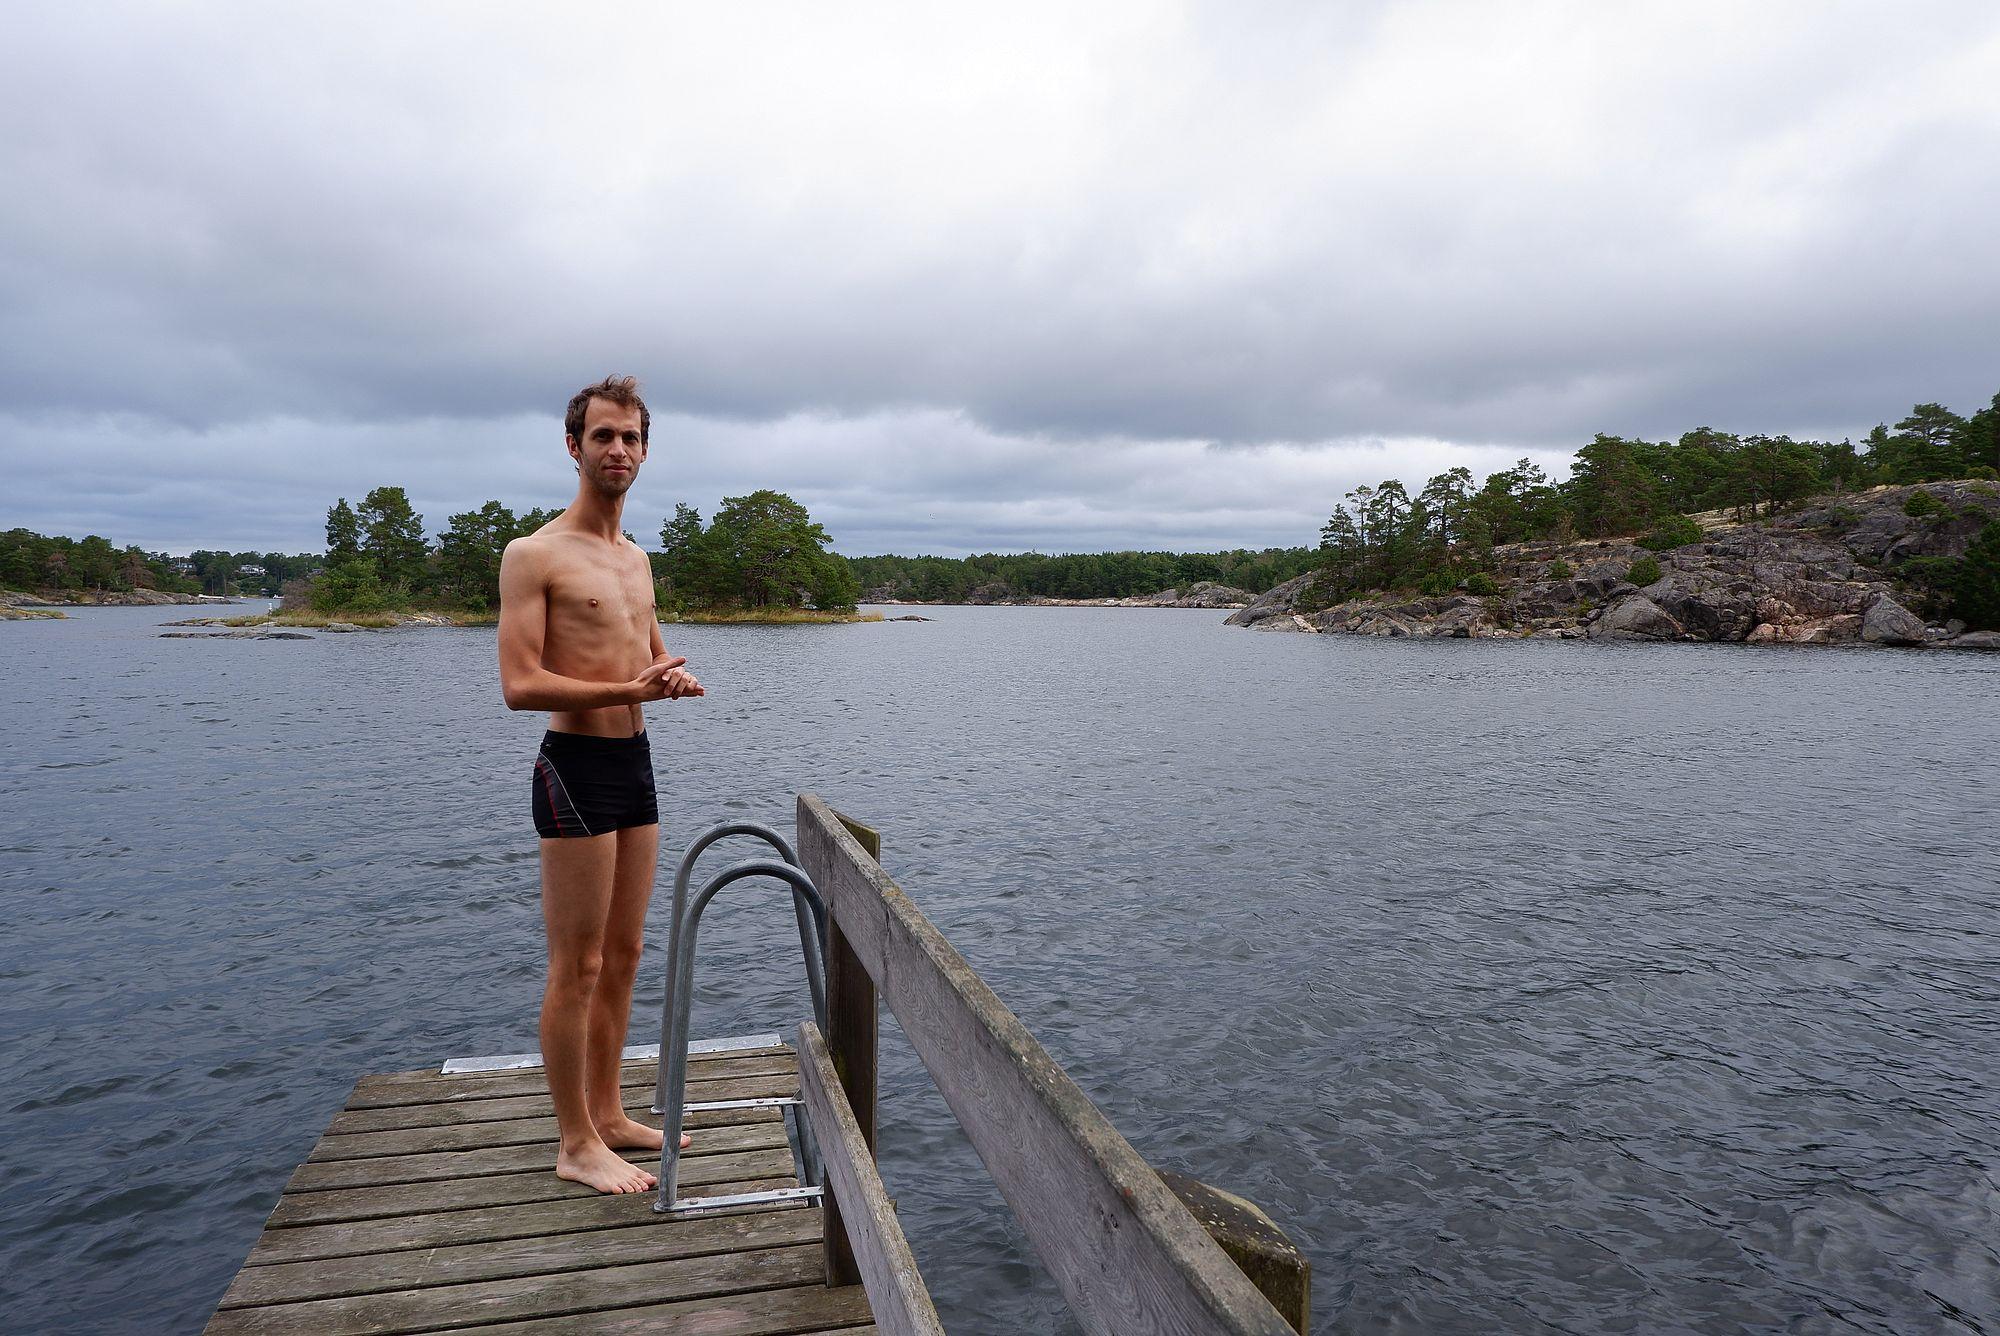 Ryan en maillot de bain sur un ponton au bord de l'eau